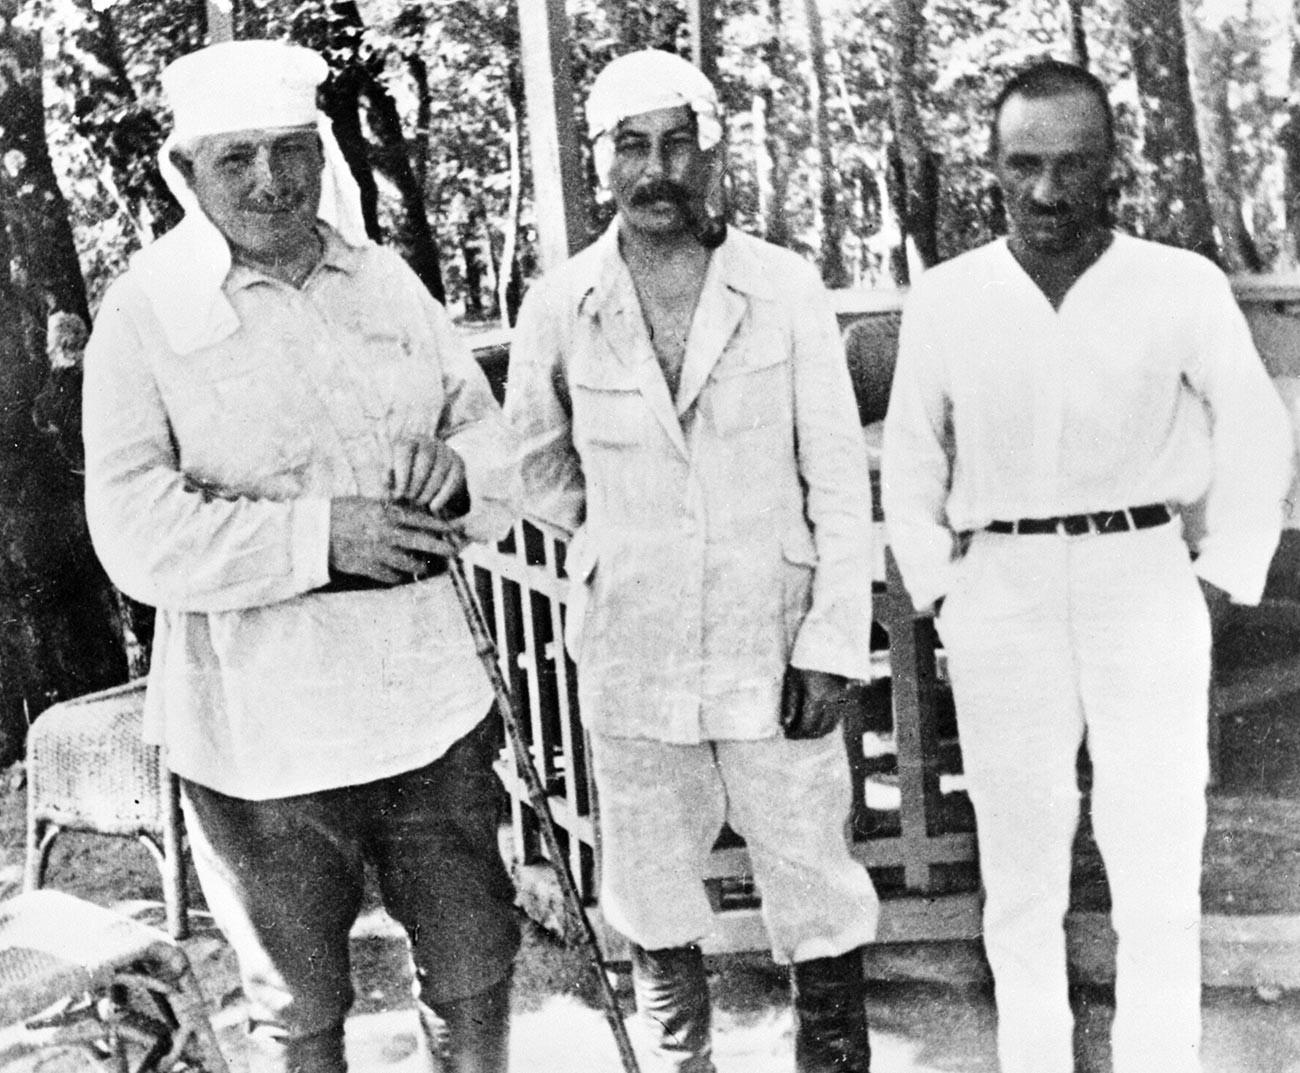 Joseph Stalin (al centro) e il politico sovietico Anastas Mikojan (a destra) in vacanza